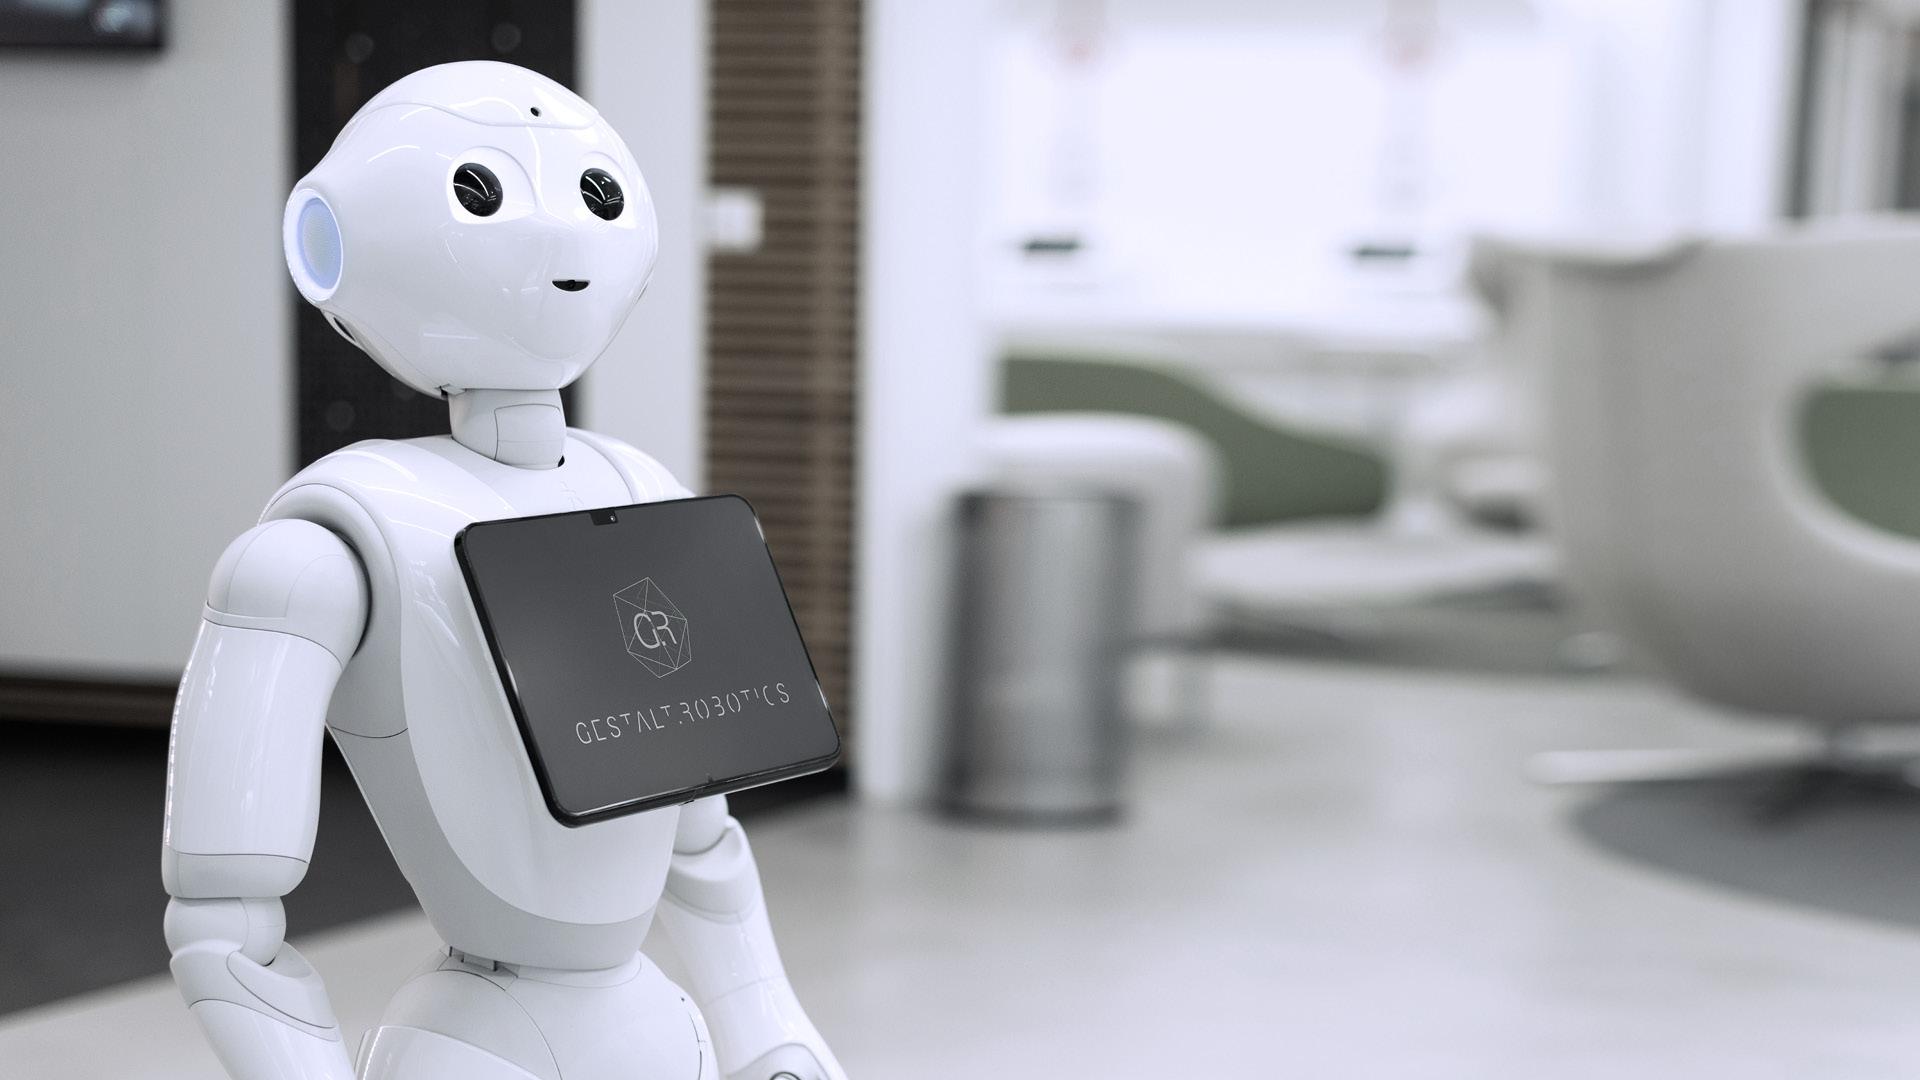 手机机器人万亿赛道如何打开,中国以成熟产业链+AI人工智能应对